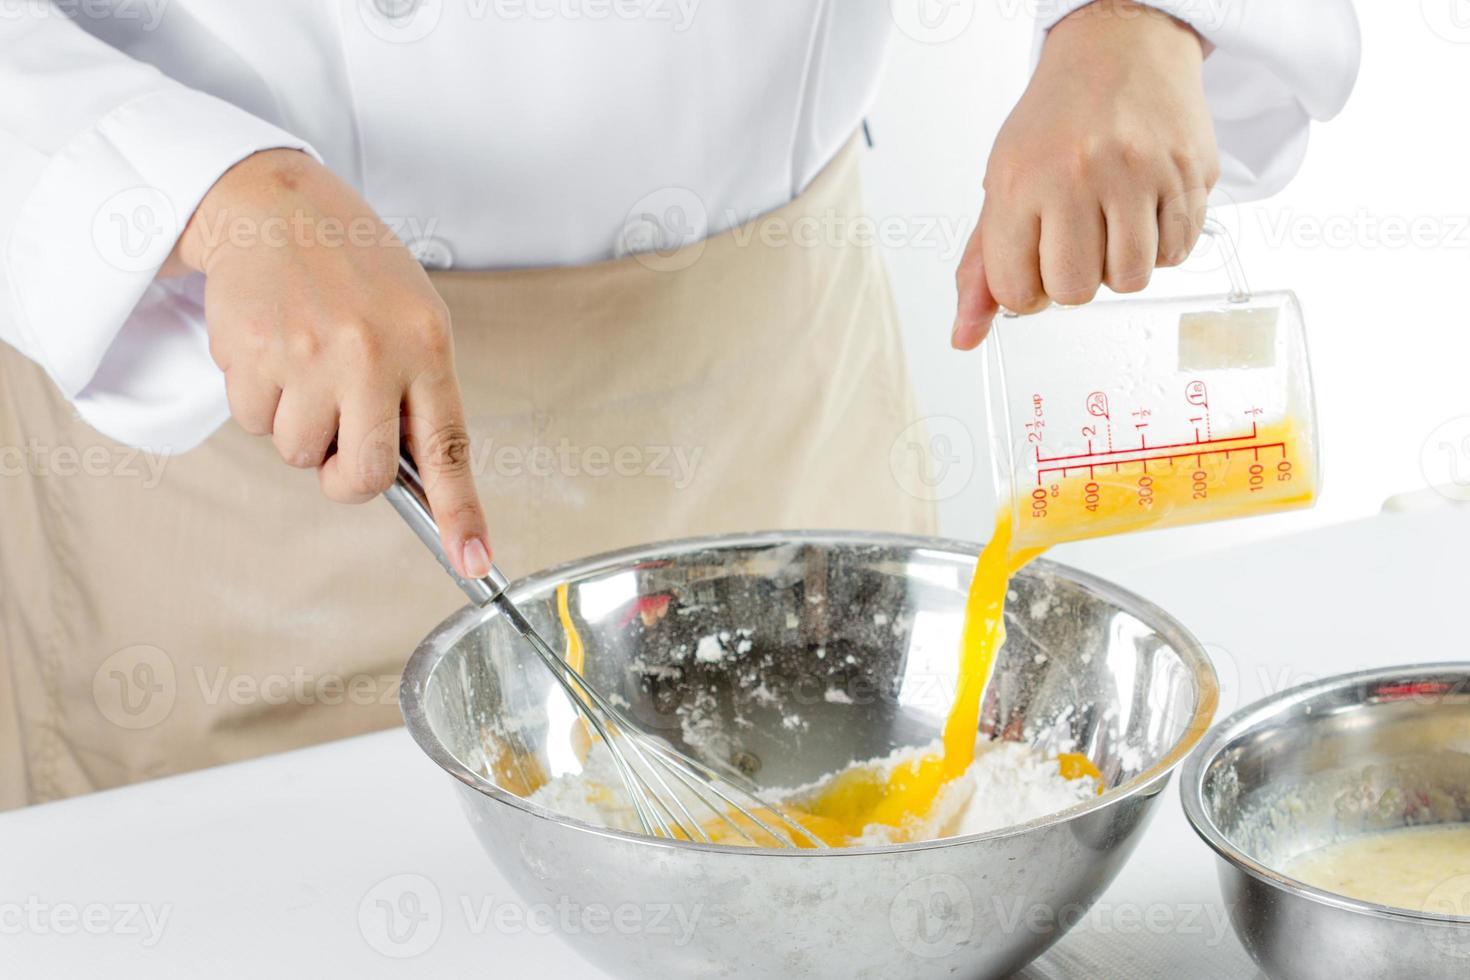 faire un gâteau aux bananes photo